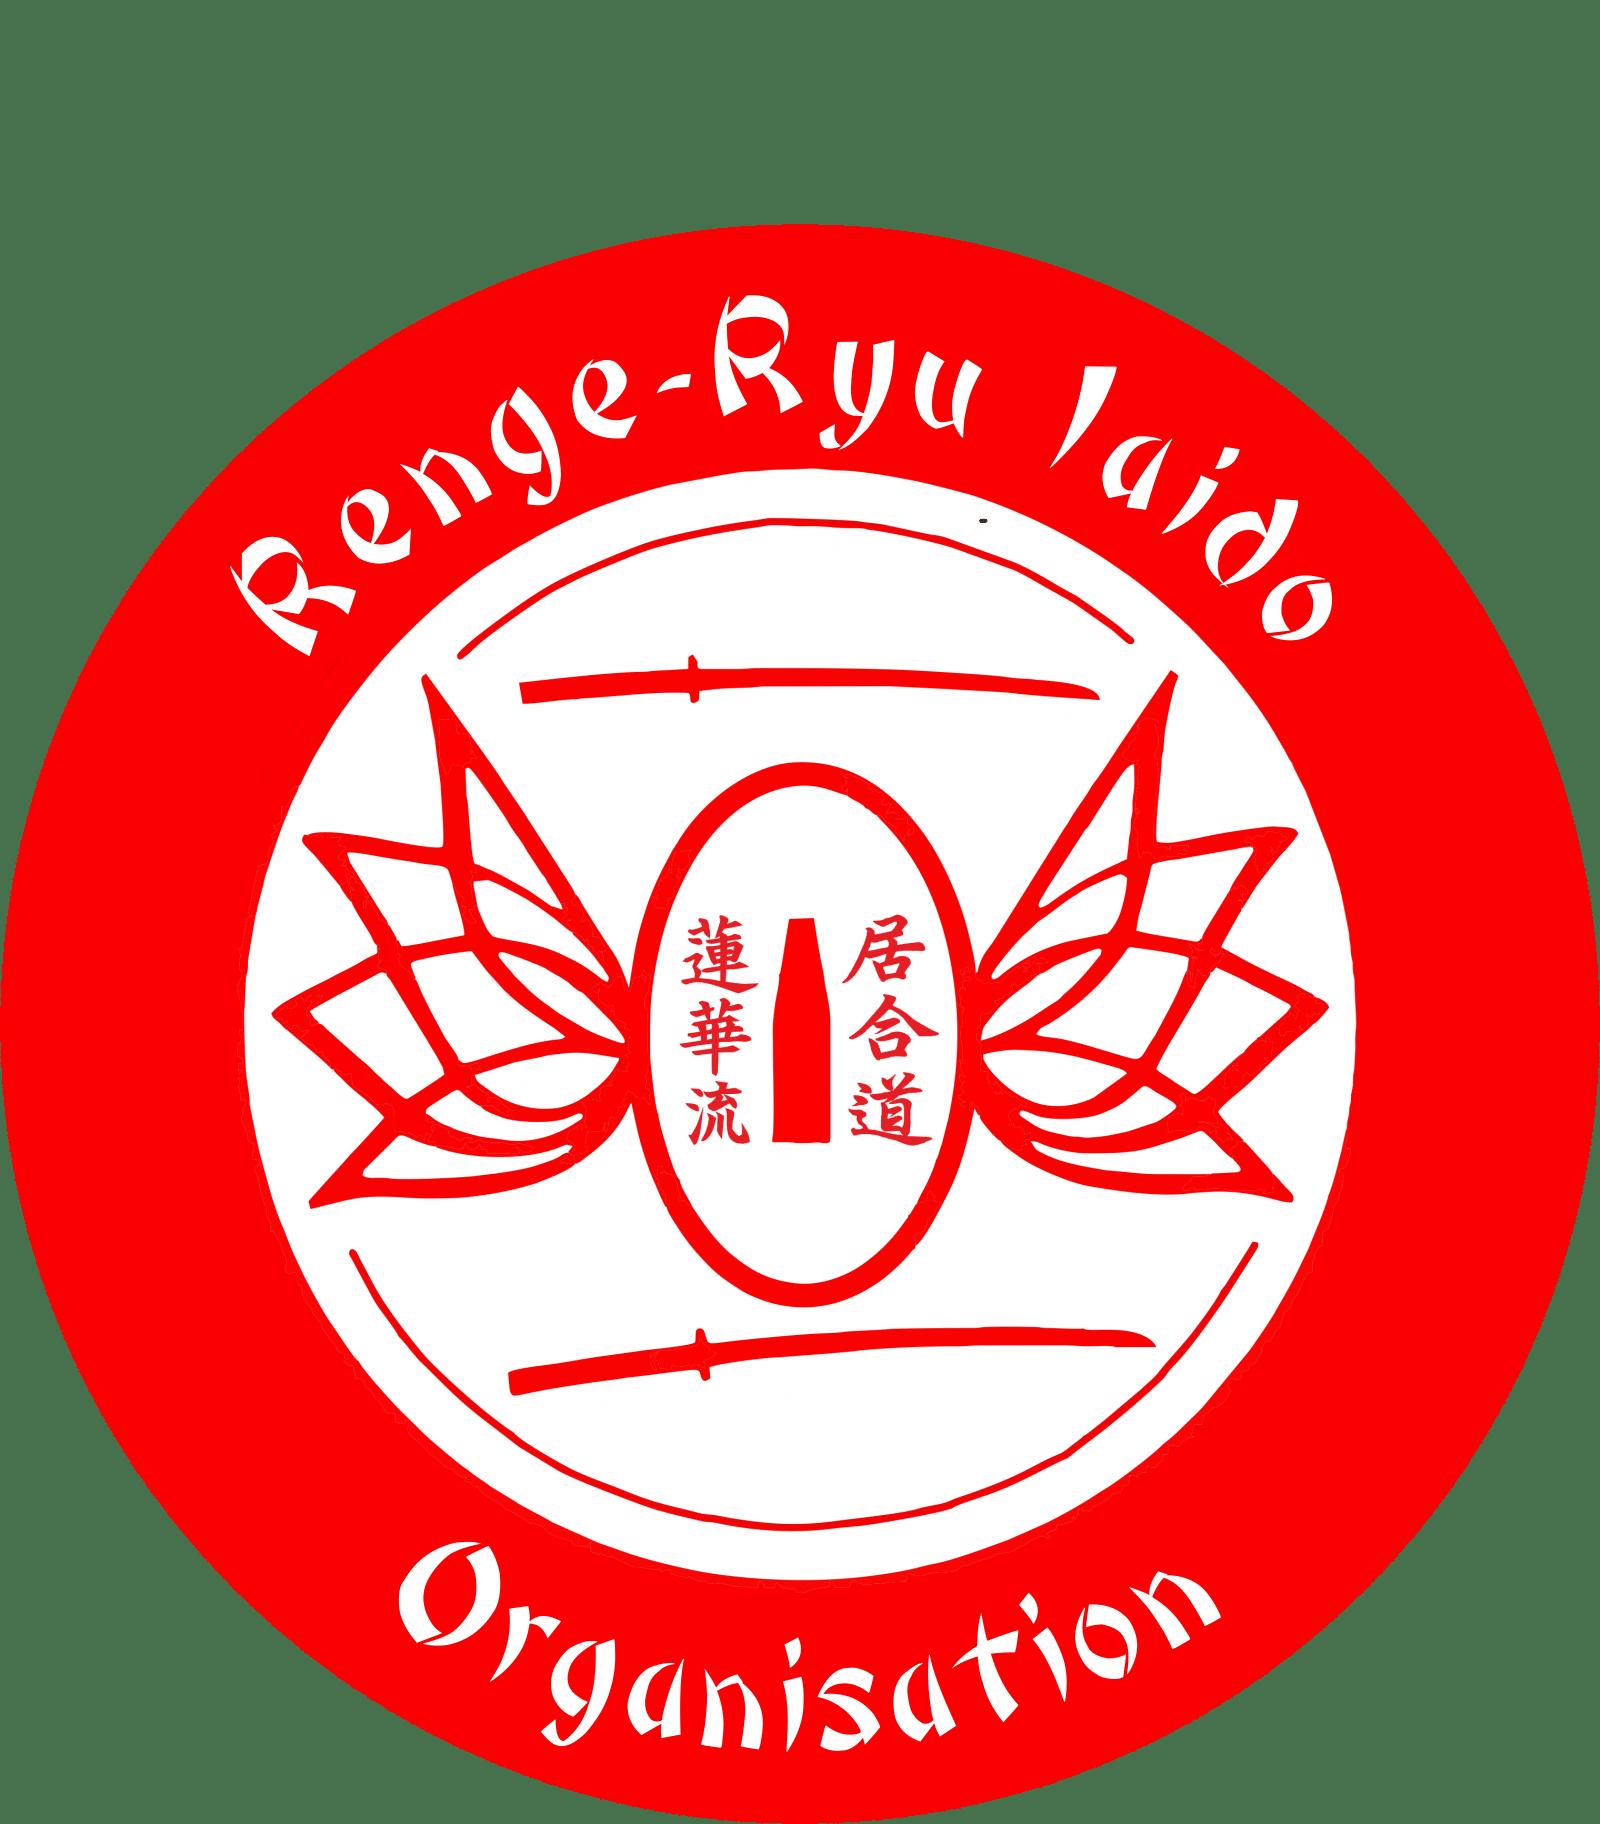 Renge Ryu Iaido Organisation logo neu